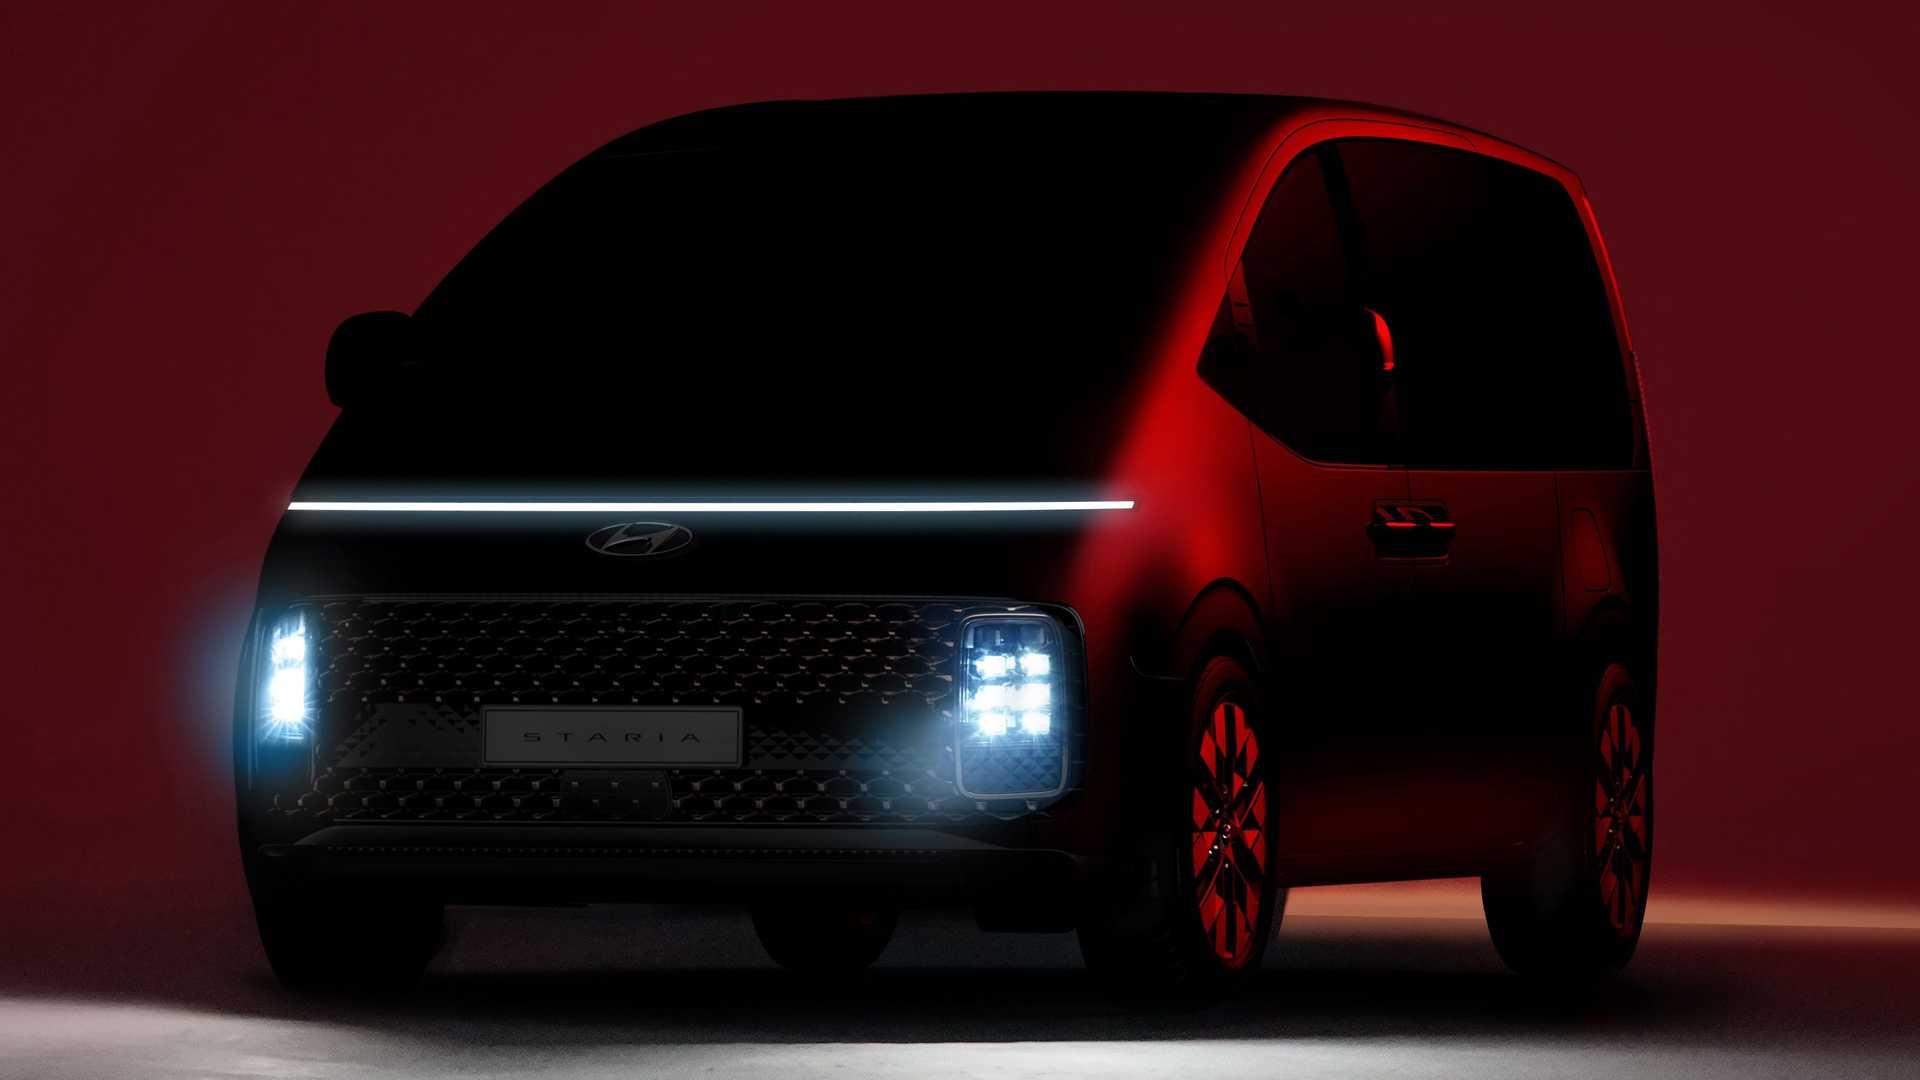 Preferite i minivan ai SUV? Ecco la proposta di Hyundai